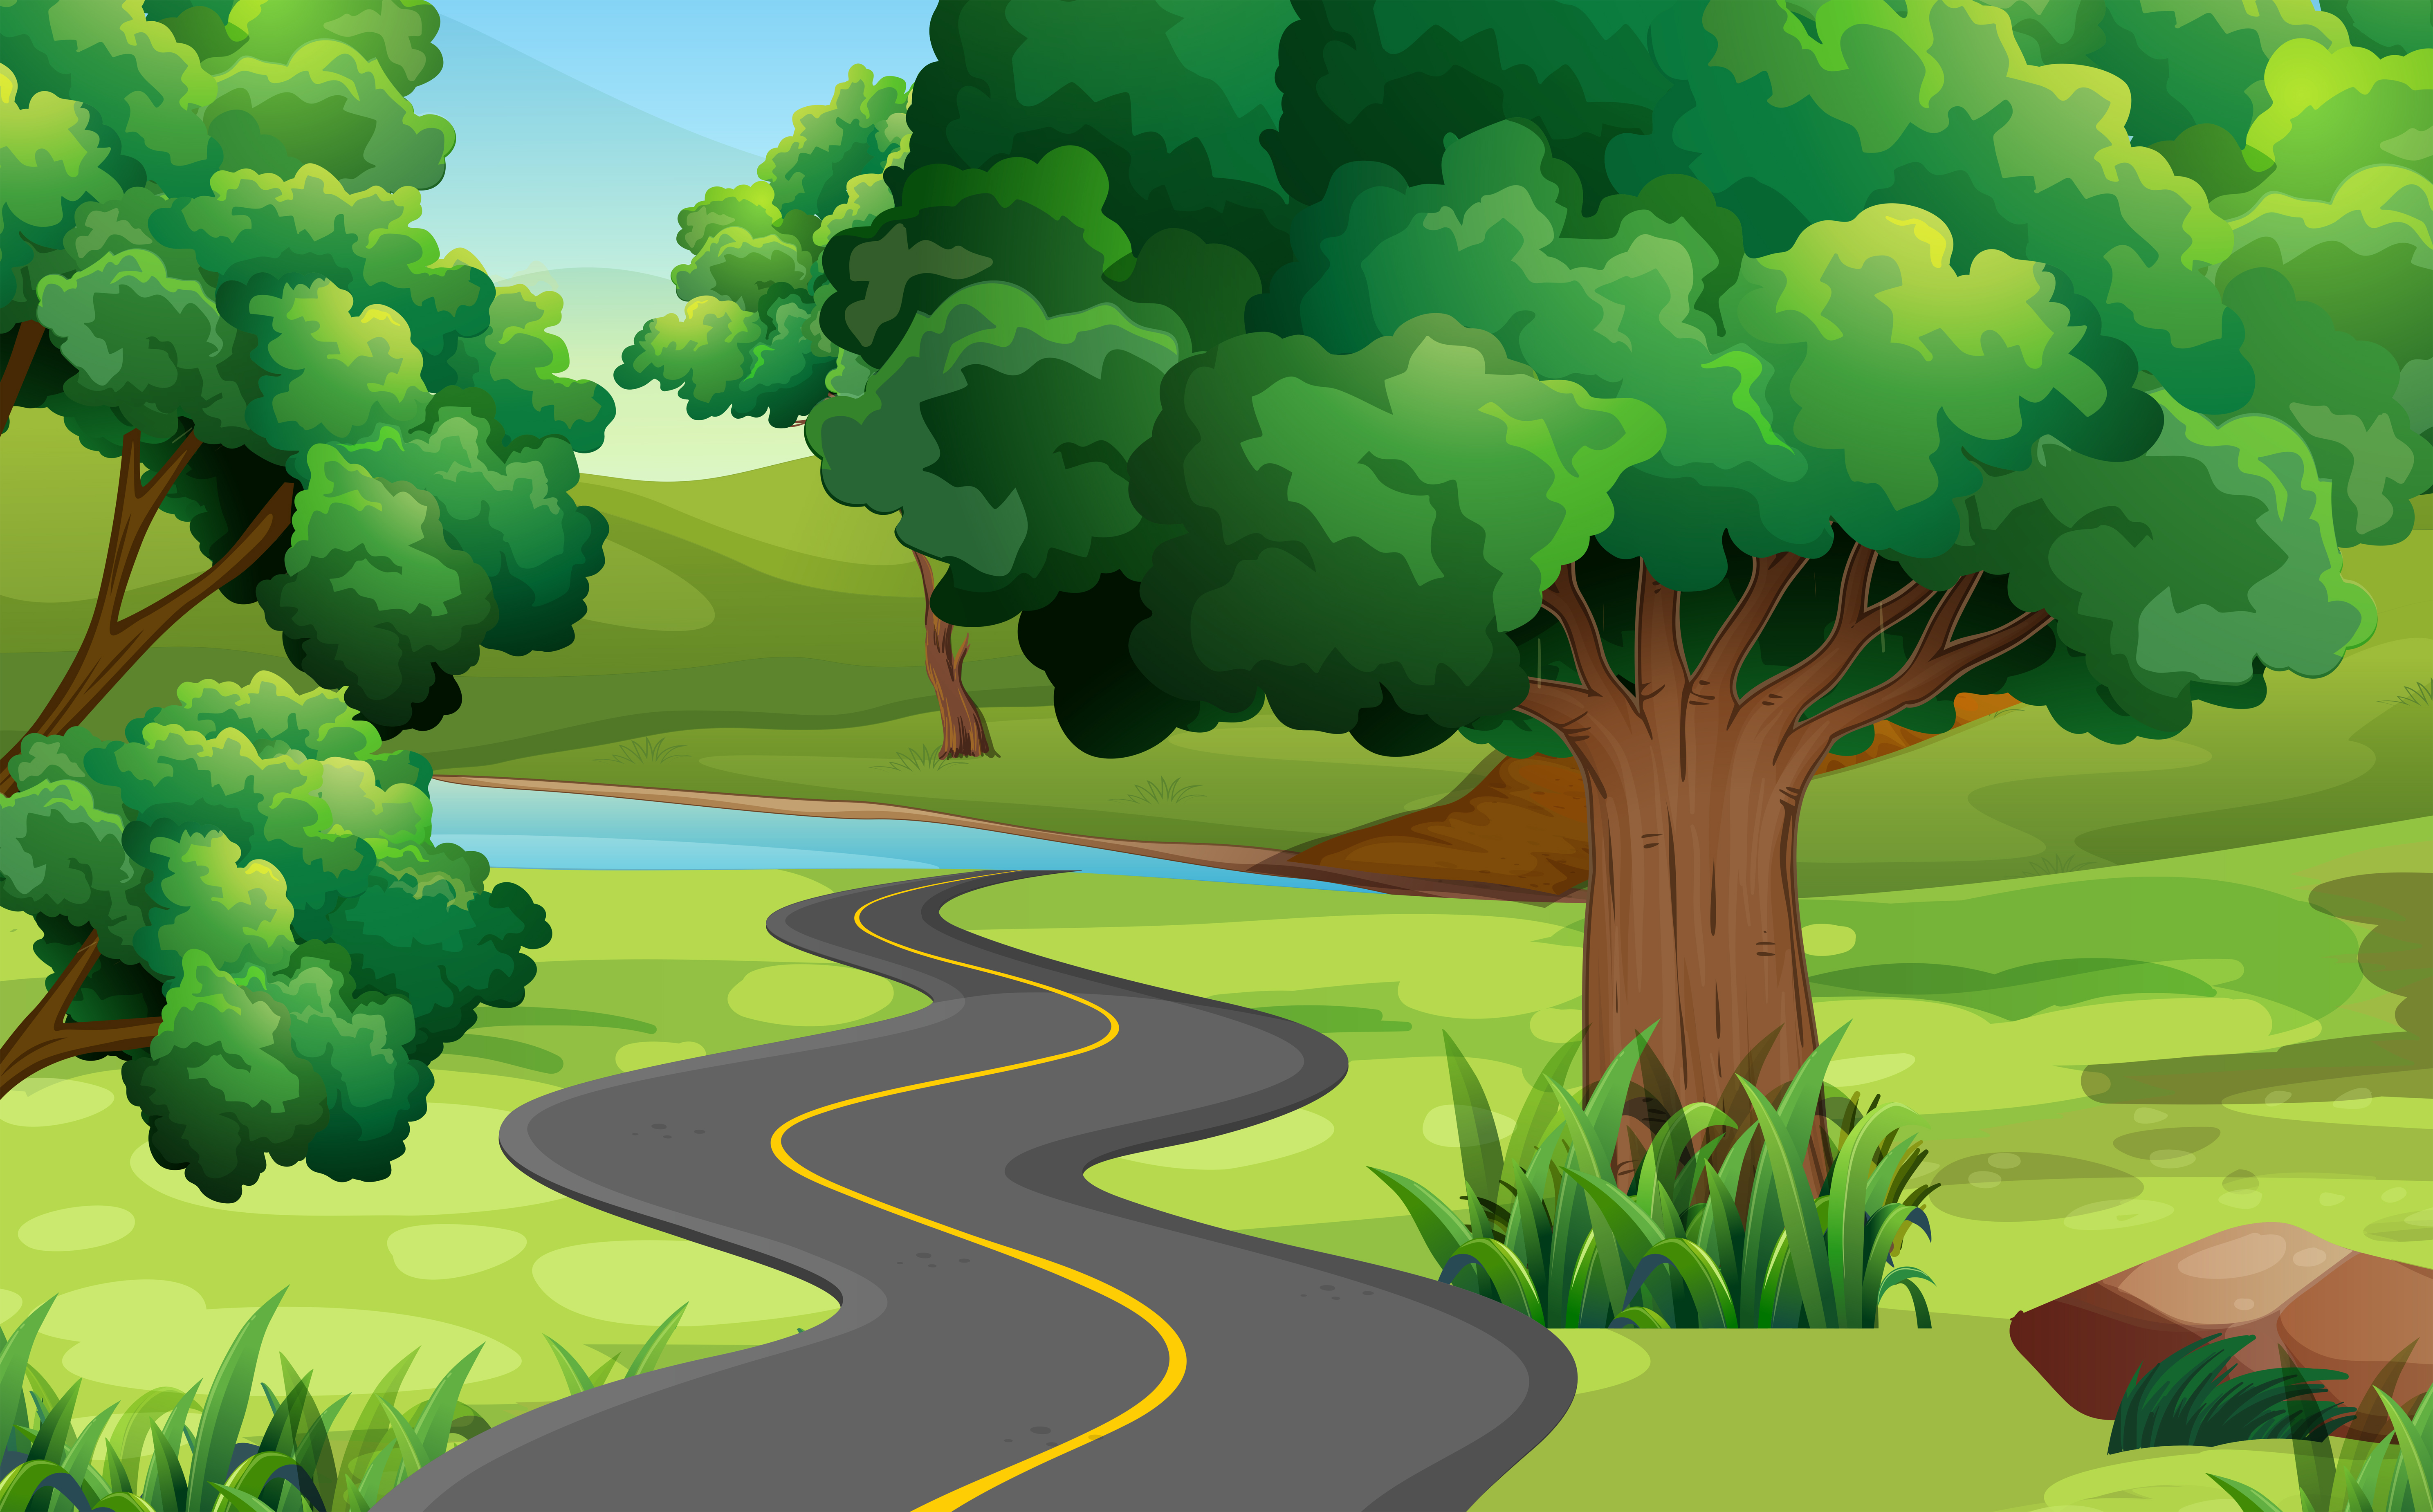 Картинка мультяшная лес с дорогой